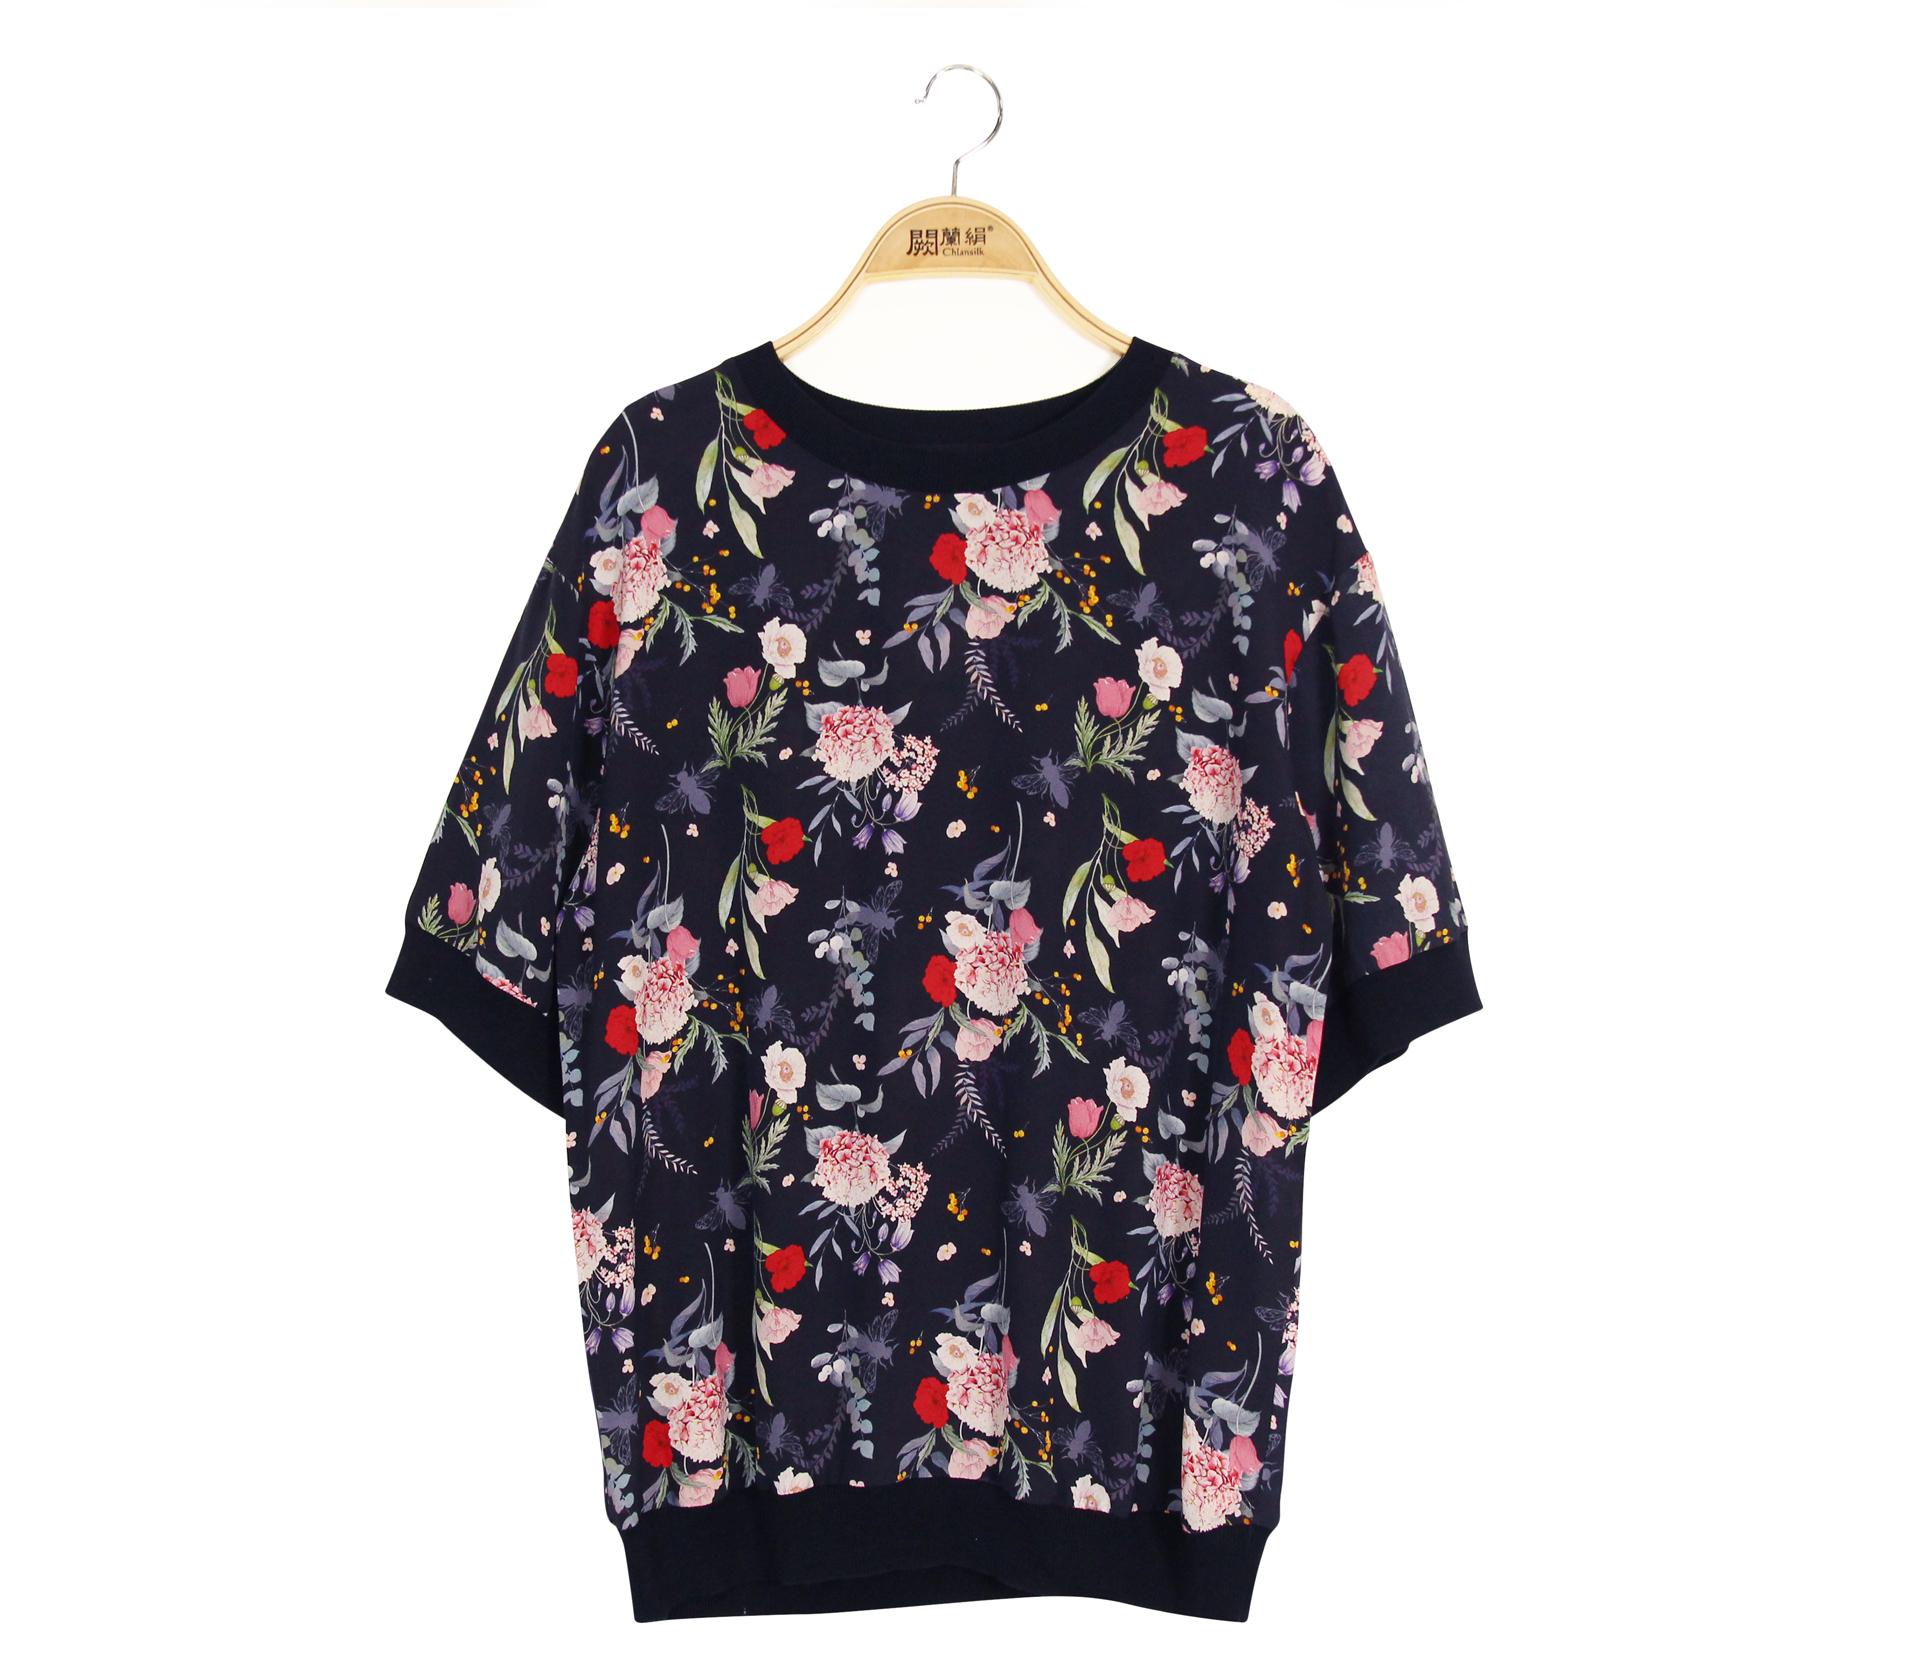 闕蘭絹唯美花朵100%蠶絲雙縐上衣 - 藏青色 - 6645